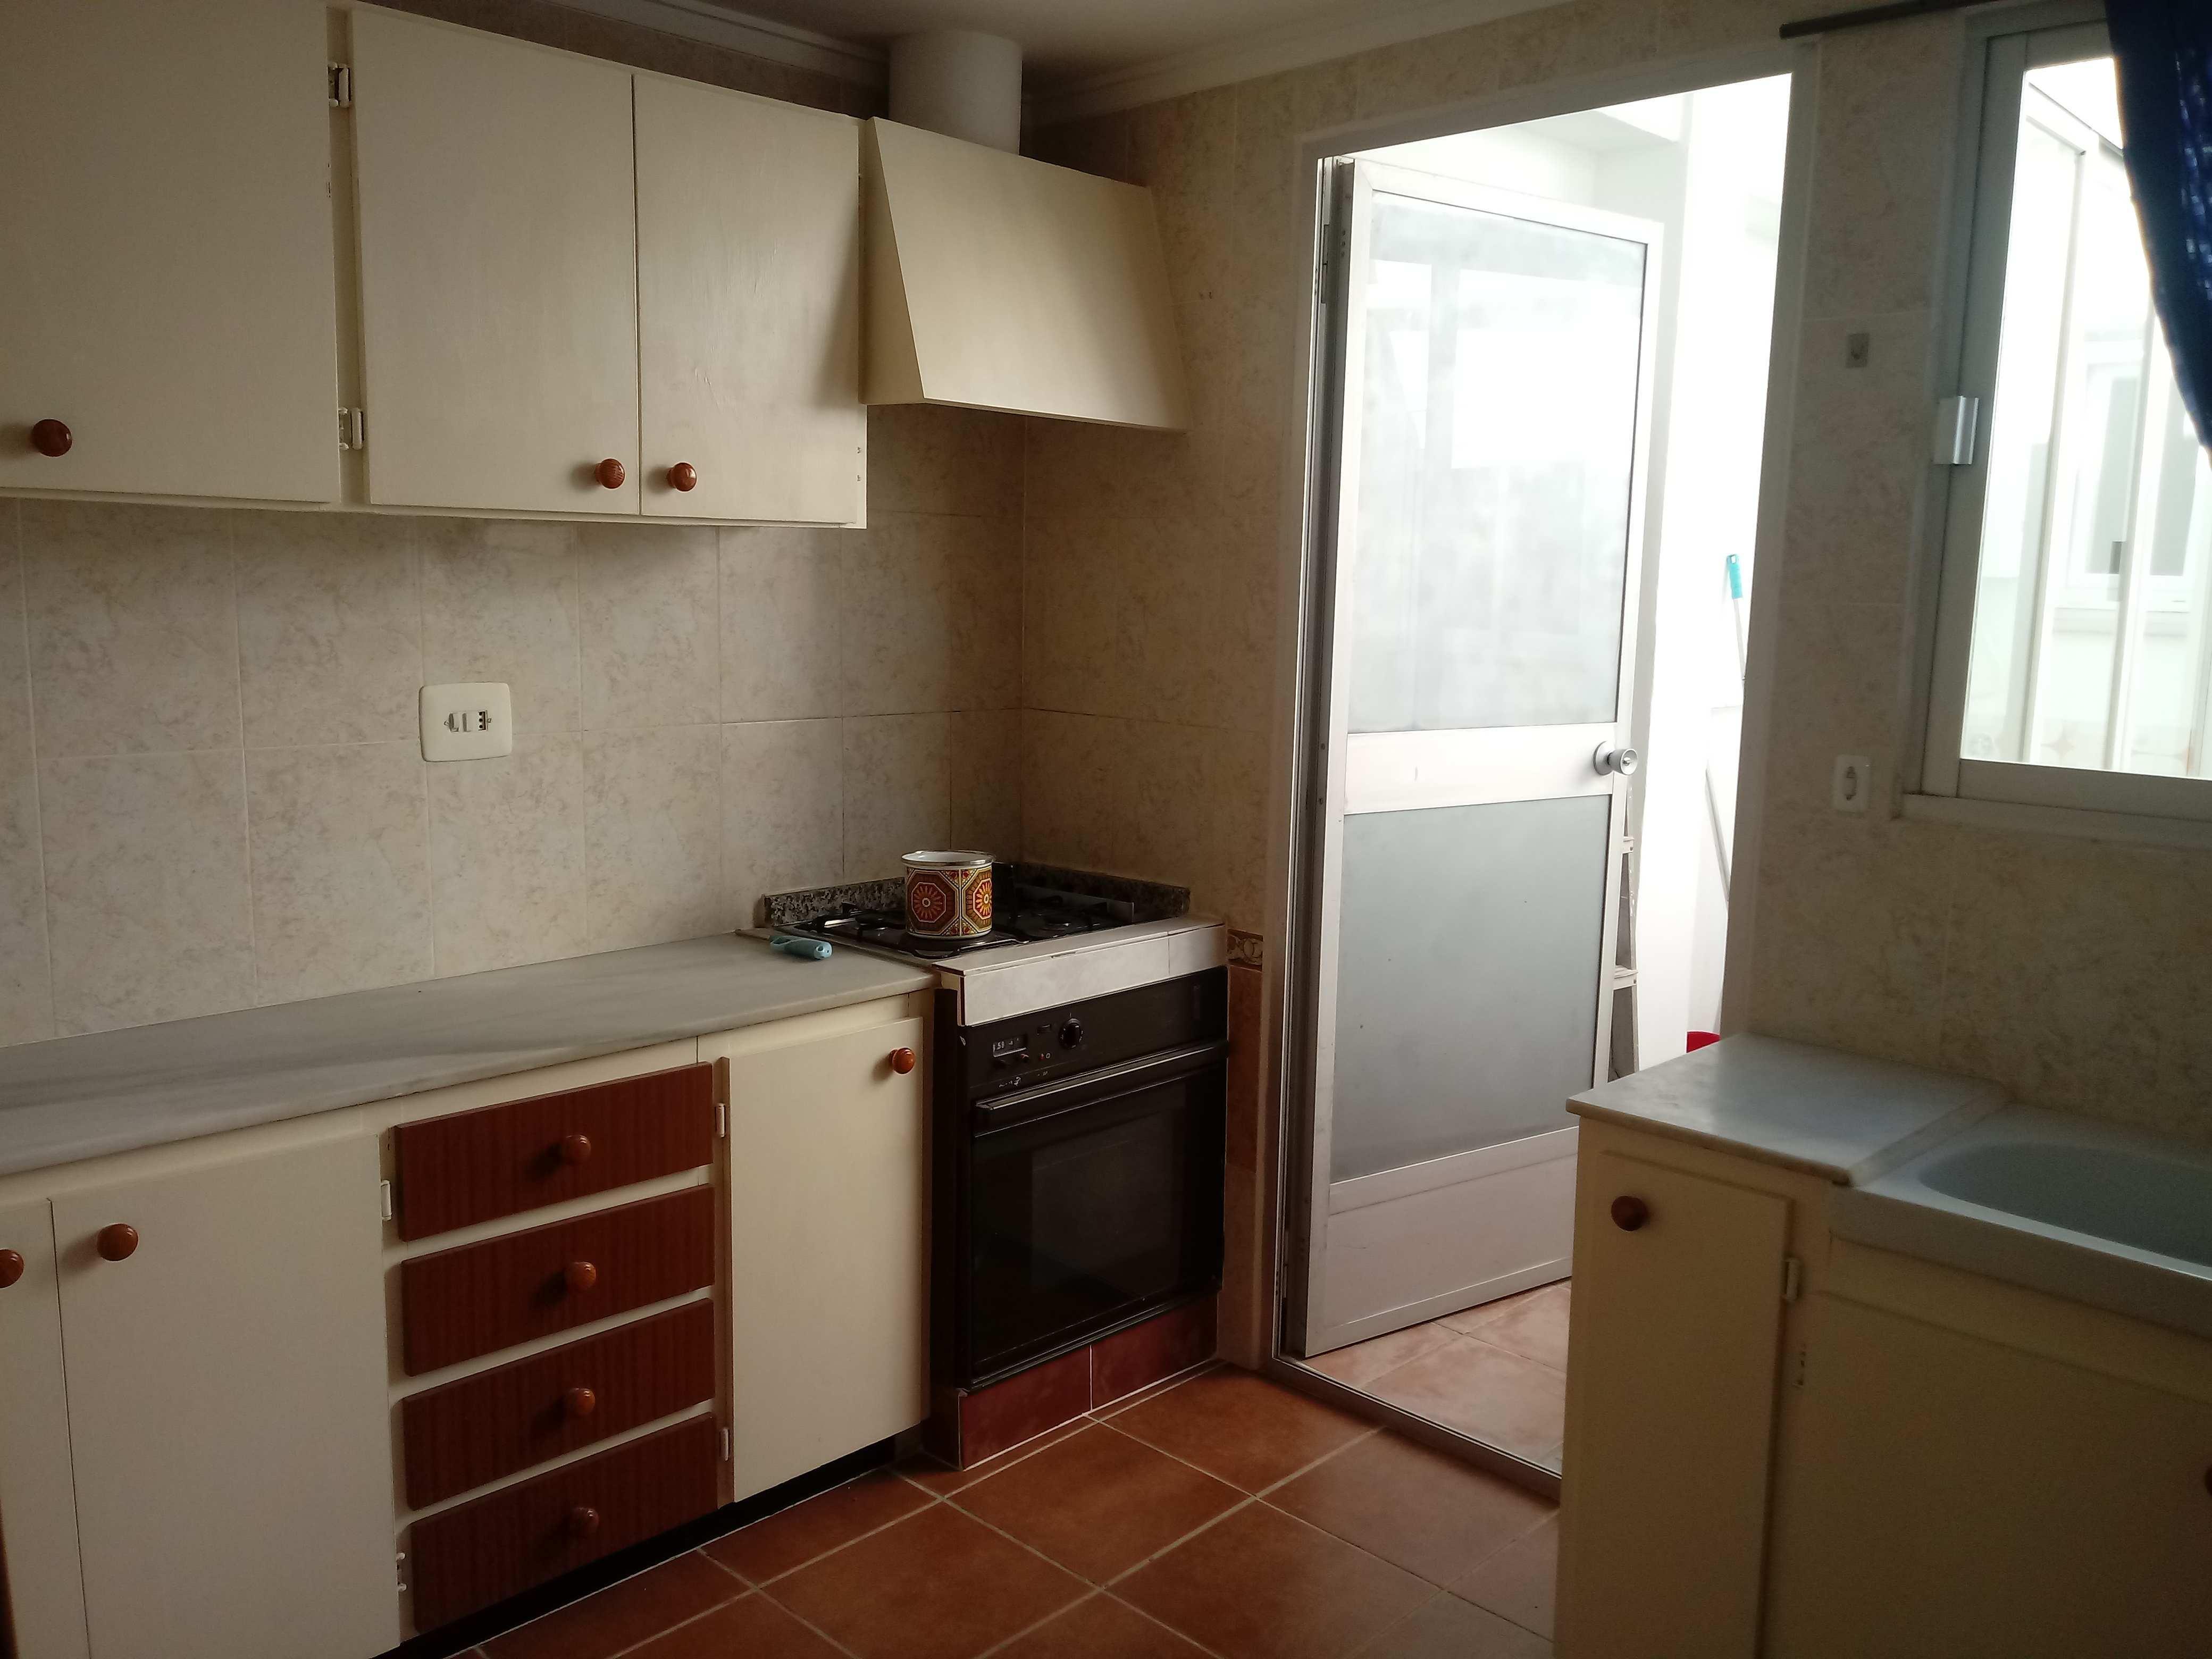 Galerie de photos - 10 - Olea-Home | Real Estate en Orba y Teulada-Moraira |